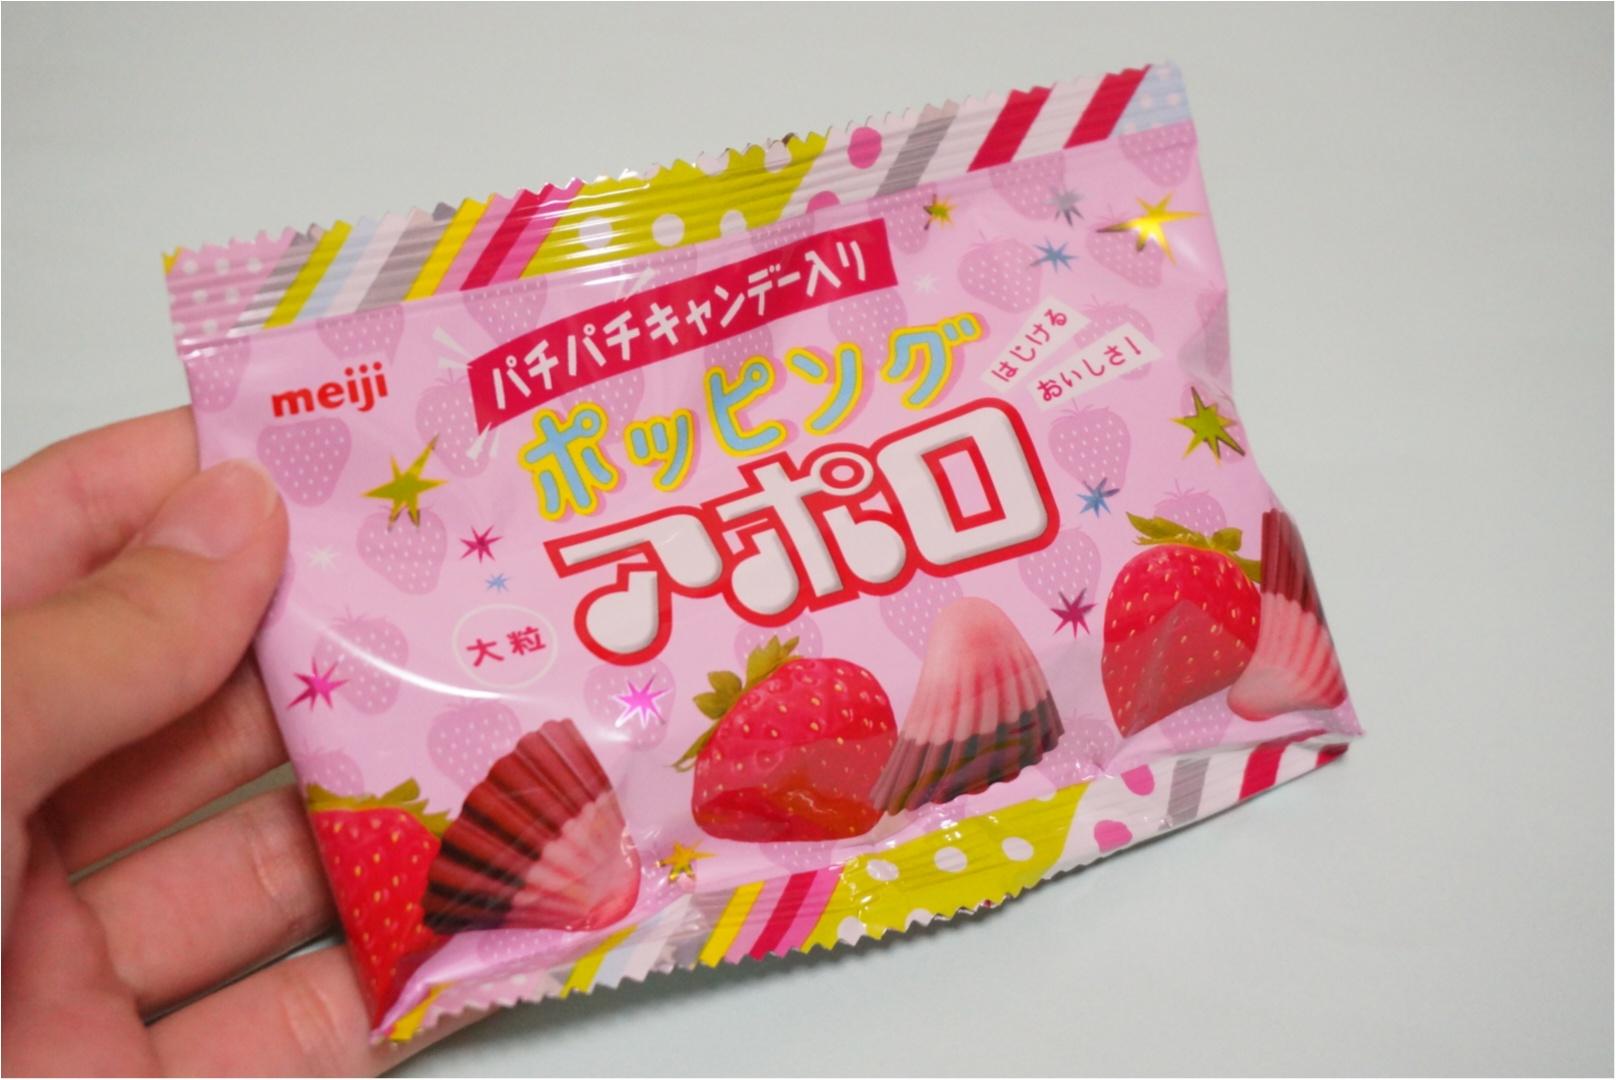 【明治アポロチョコレート】新商品はパチパチはじける大粒アポロ♡_1